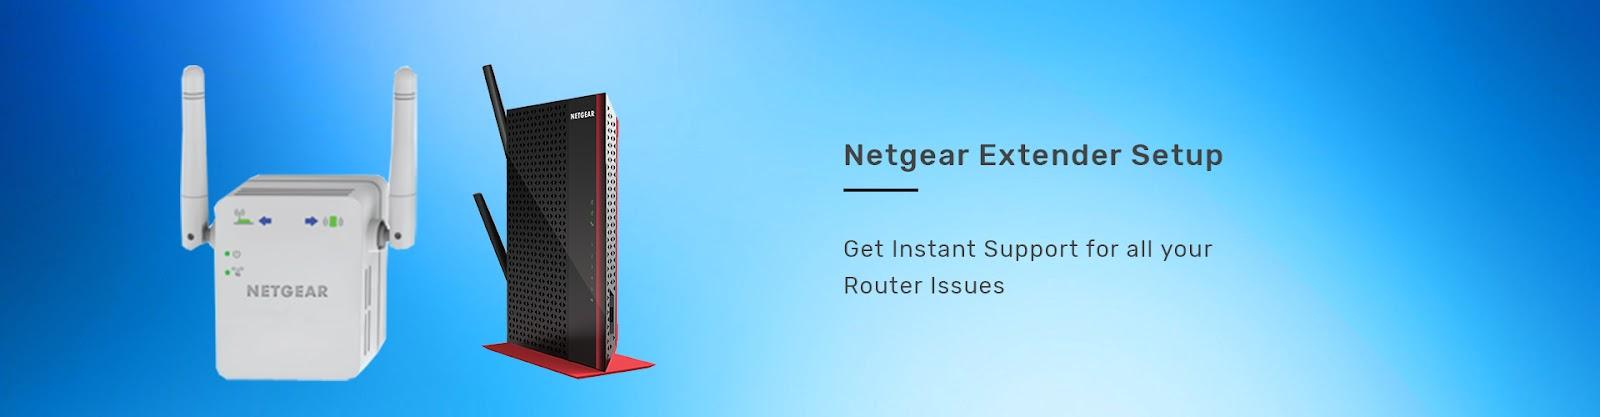 Netgear wifi extender